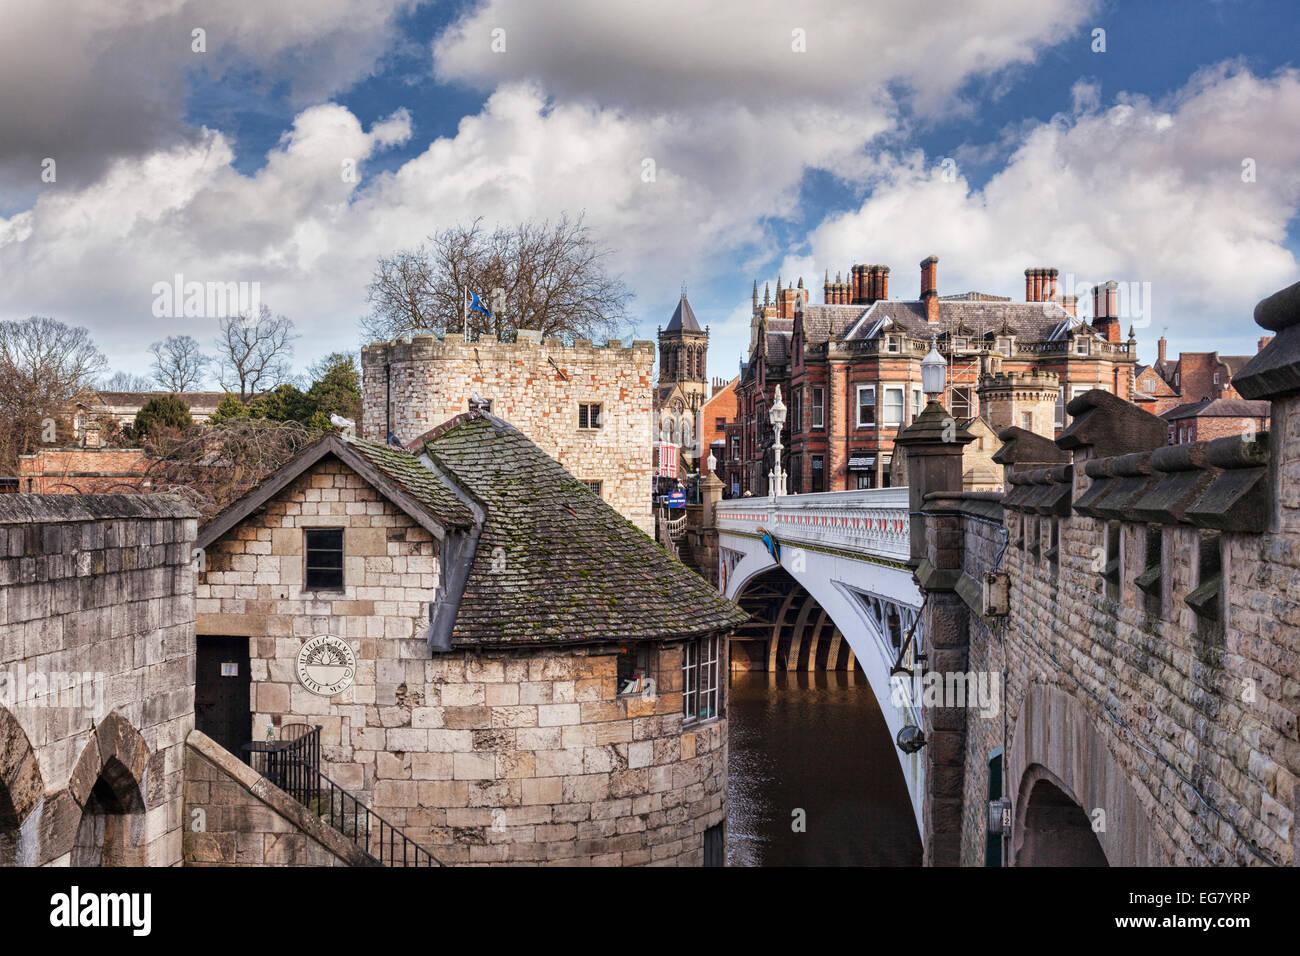 Algunos de los edificios históricos de la ciudad de York, North Yorkshire, Inglaterra, mostrando una variedad Imagen De Stock